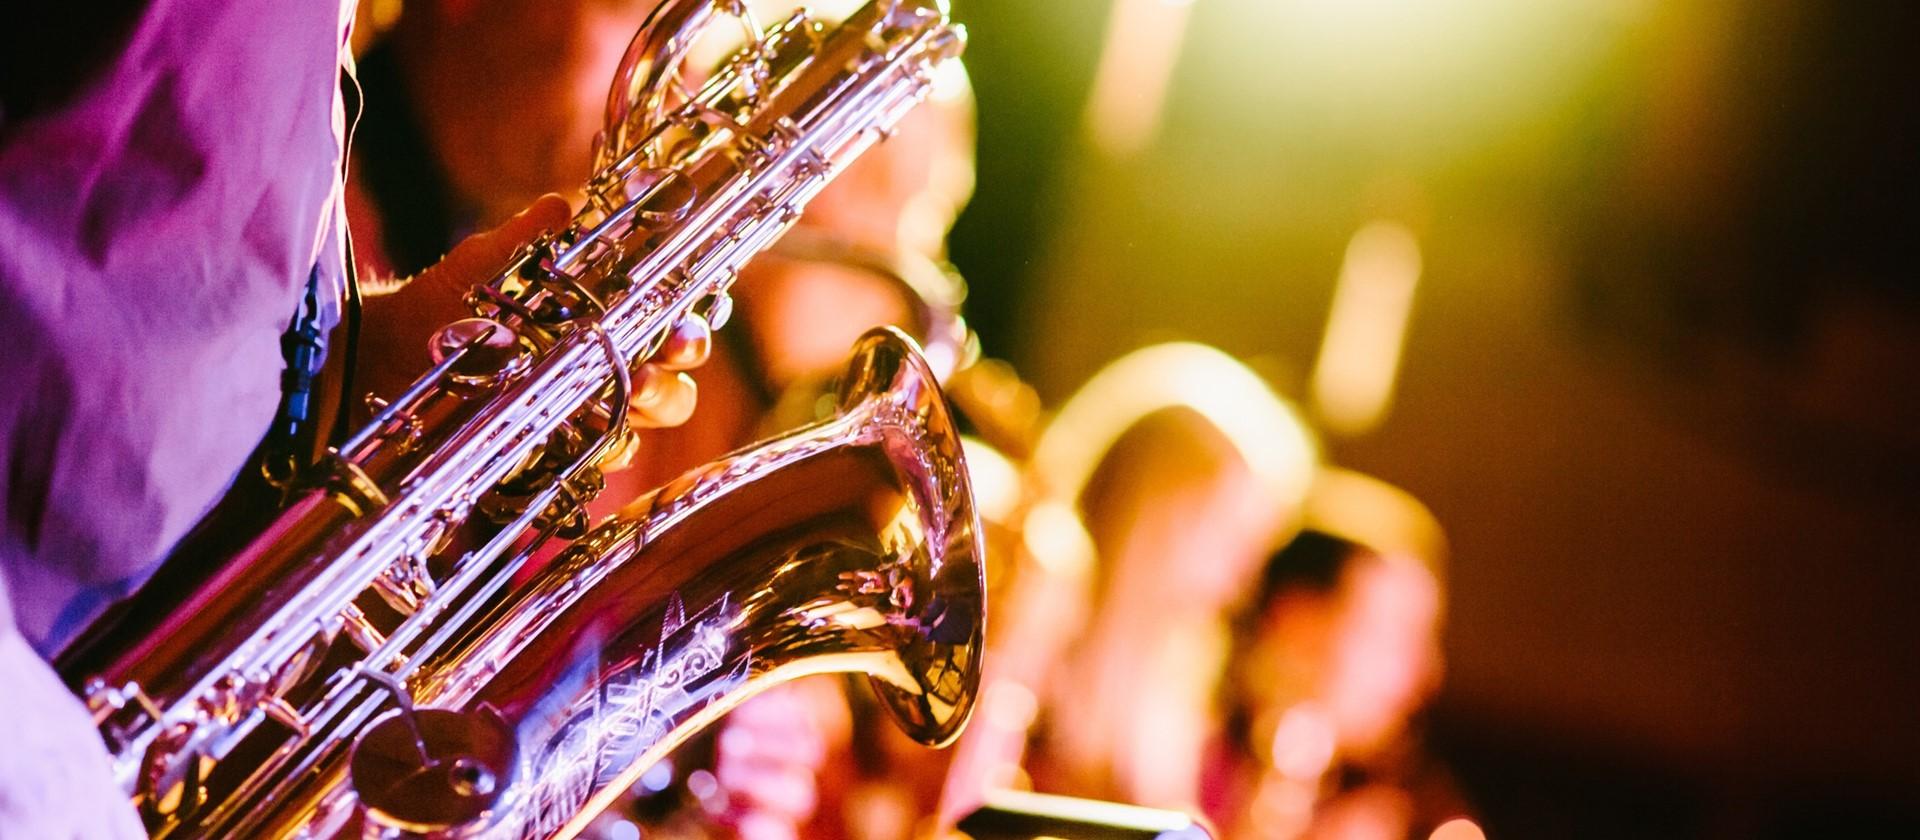 Garda Jazz Festival, il Jazz suona a Torbole e dintorni - scopri il Lago di  Garda!